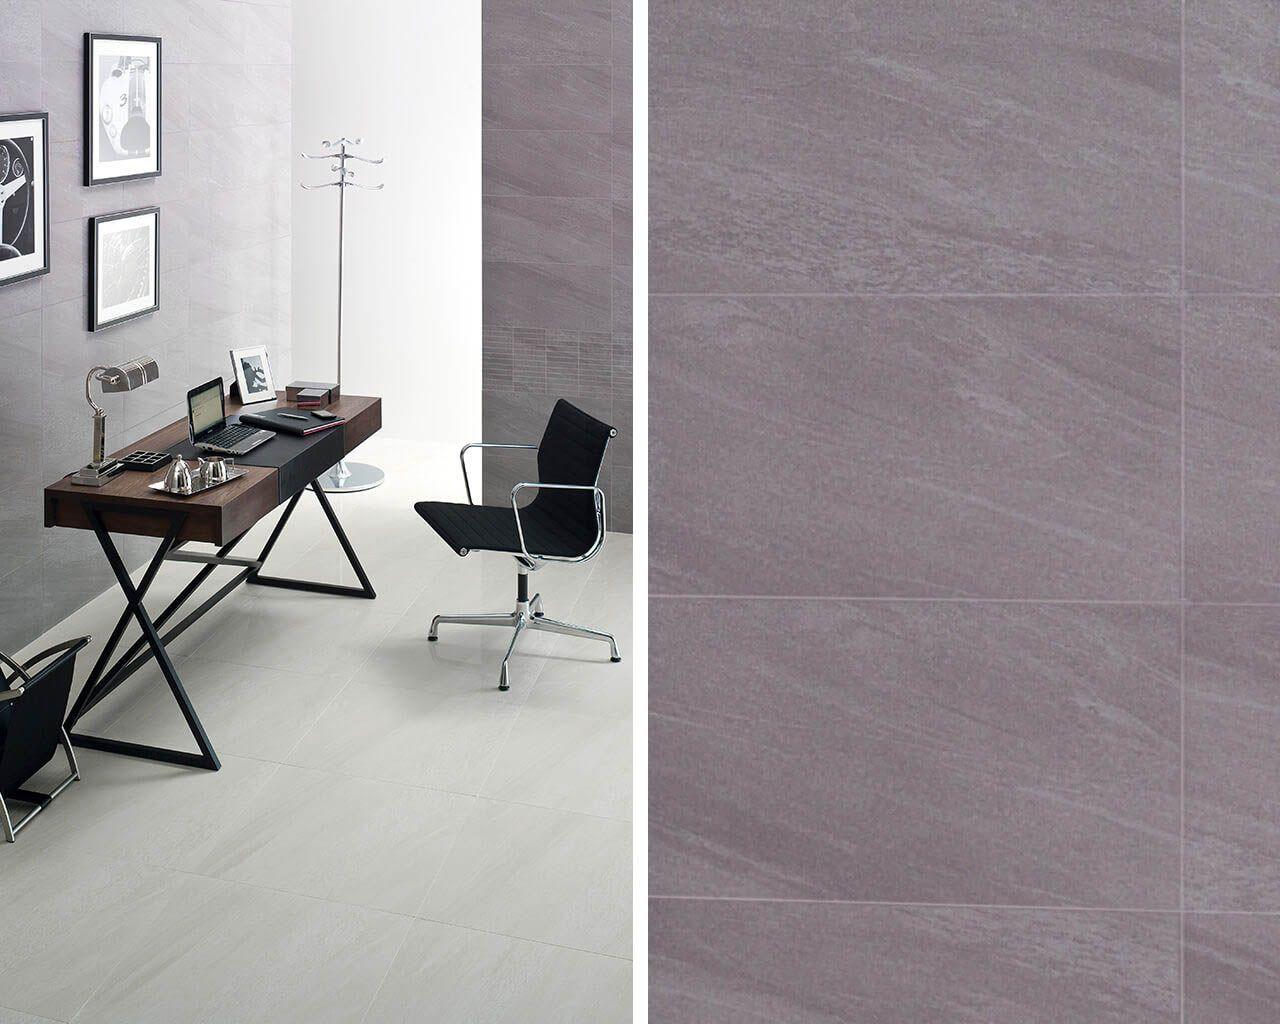 Modernes Arbeitszimmer im minimalistischen Stil | Ceramika Paradyz